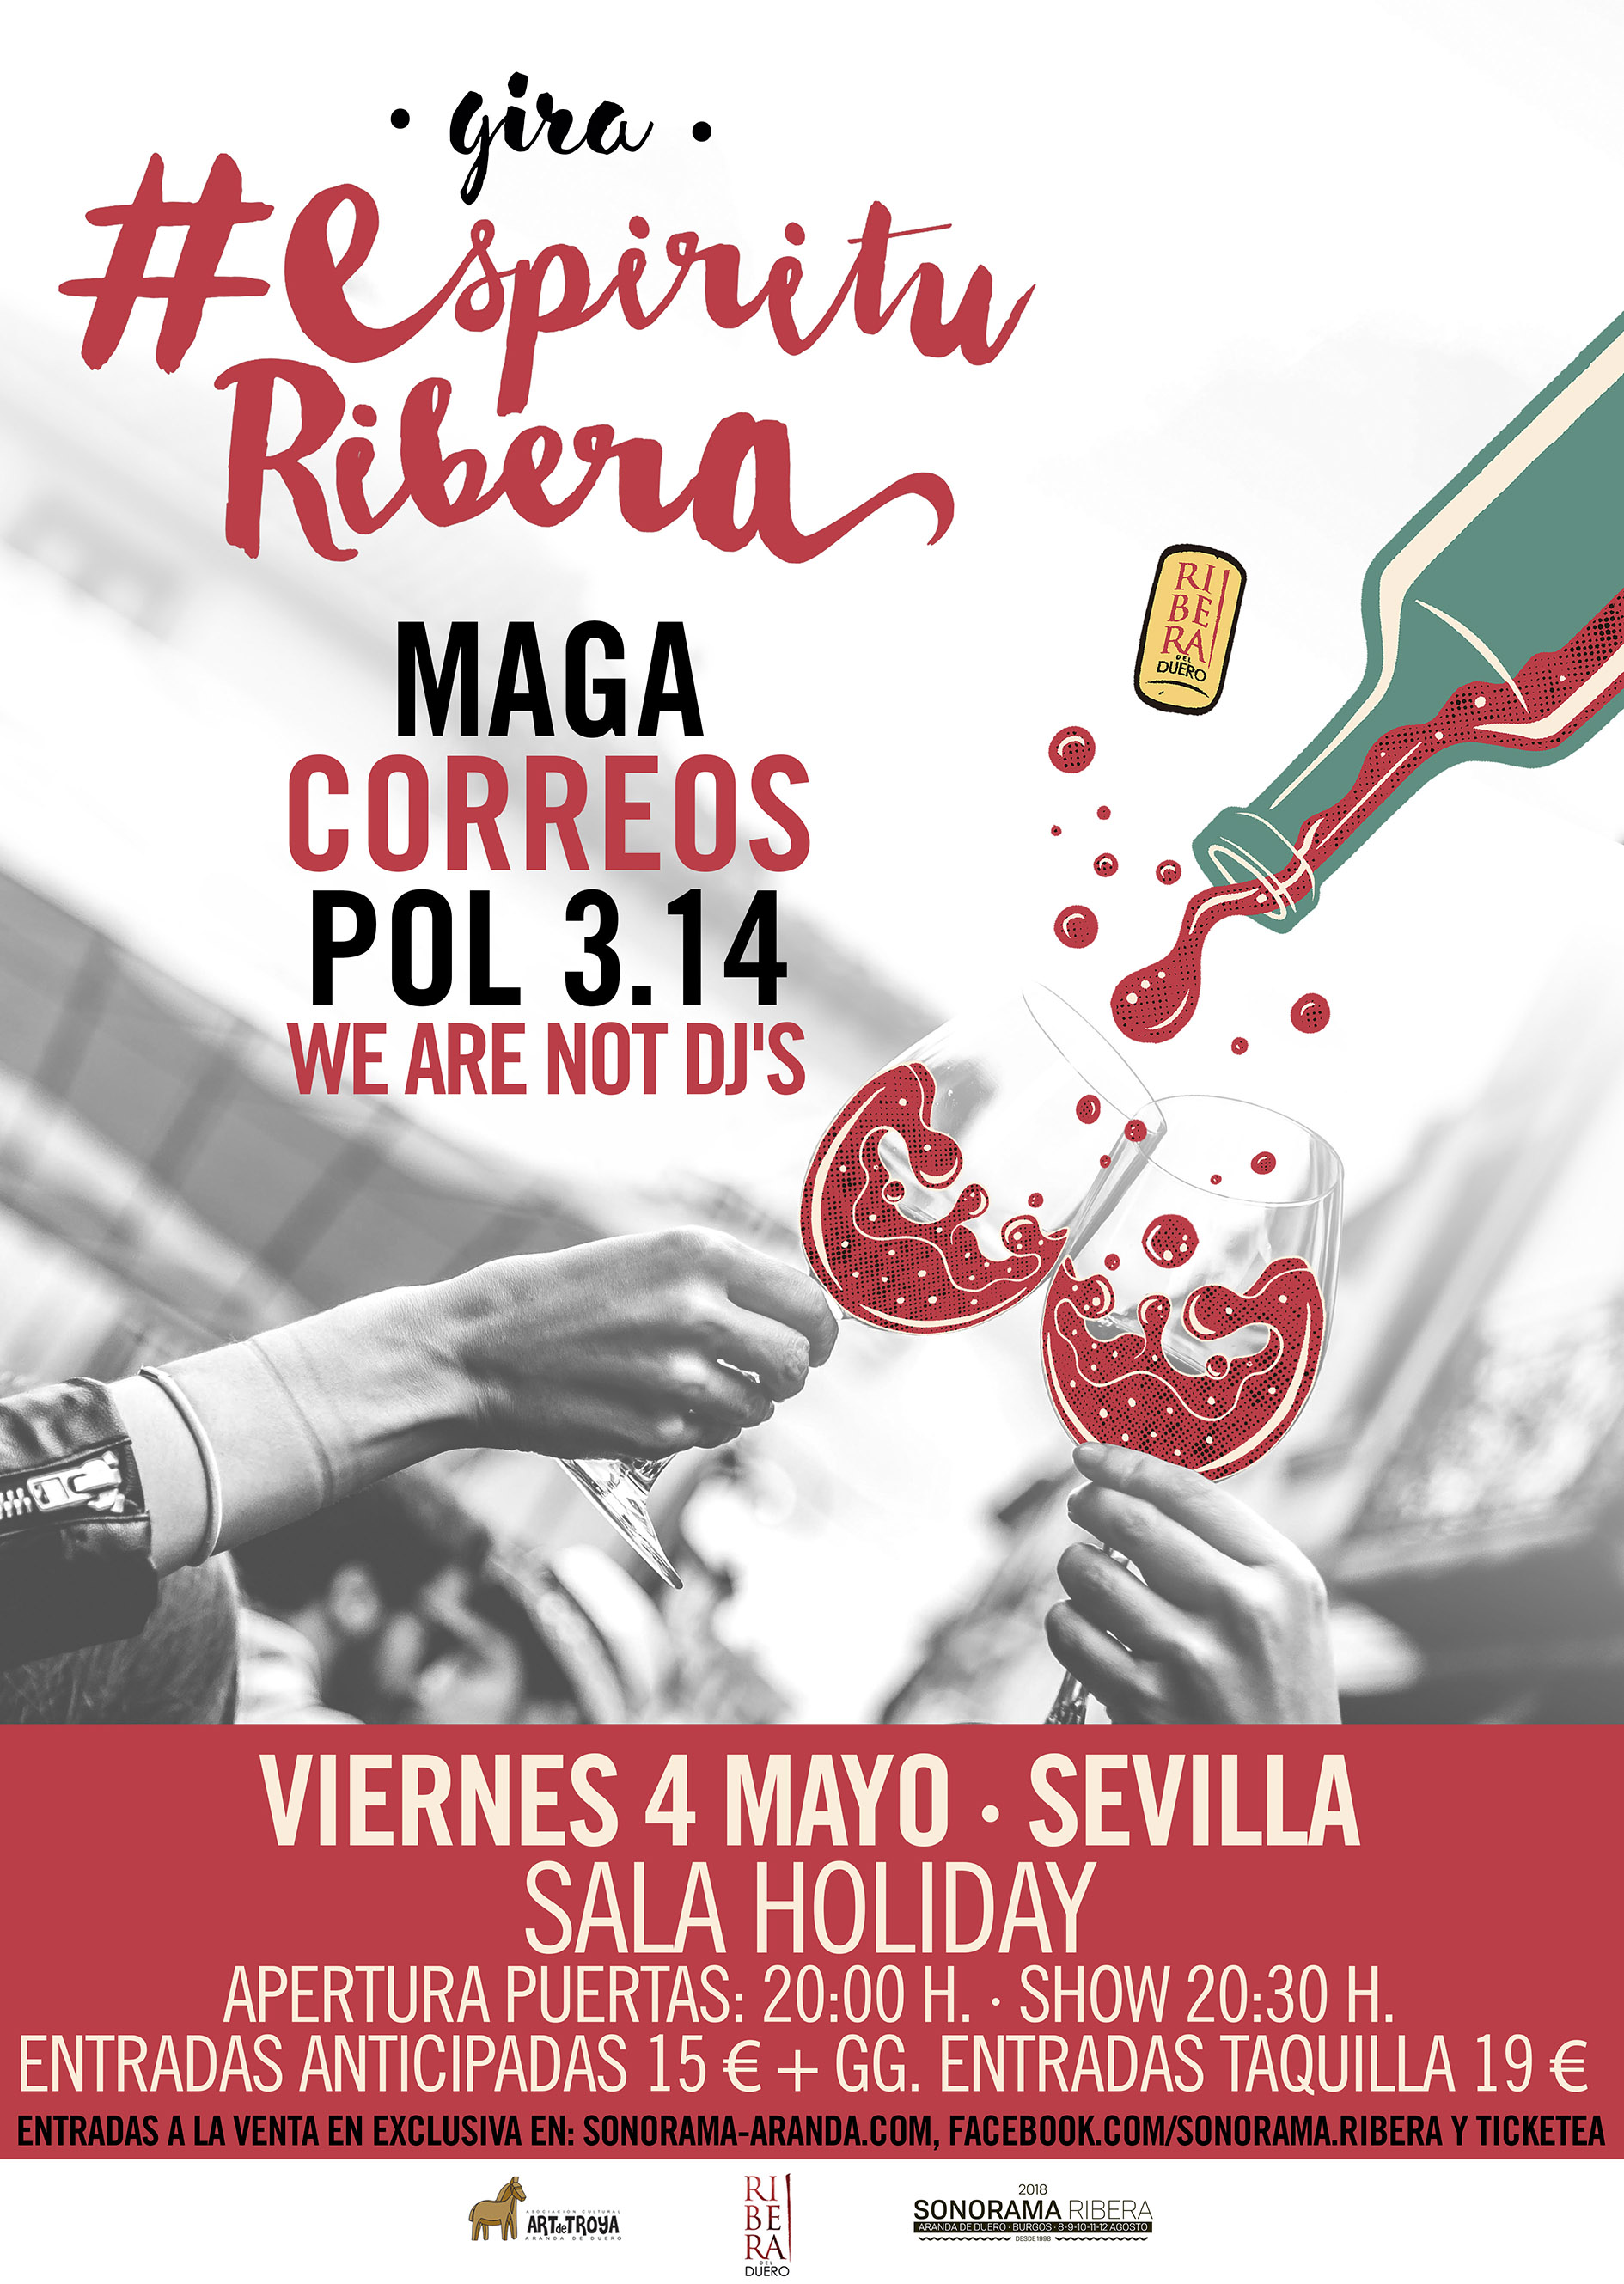 La gira de Sonorama Ribera llega a Sevilla este viernes